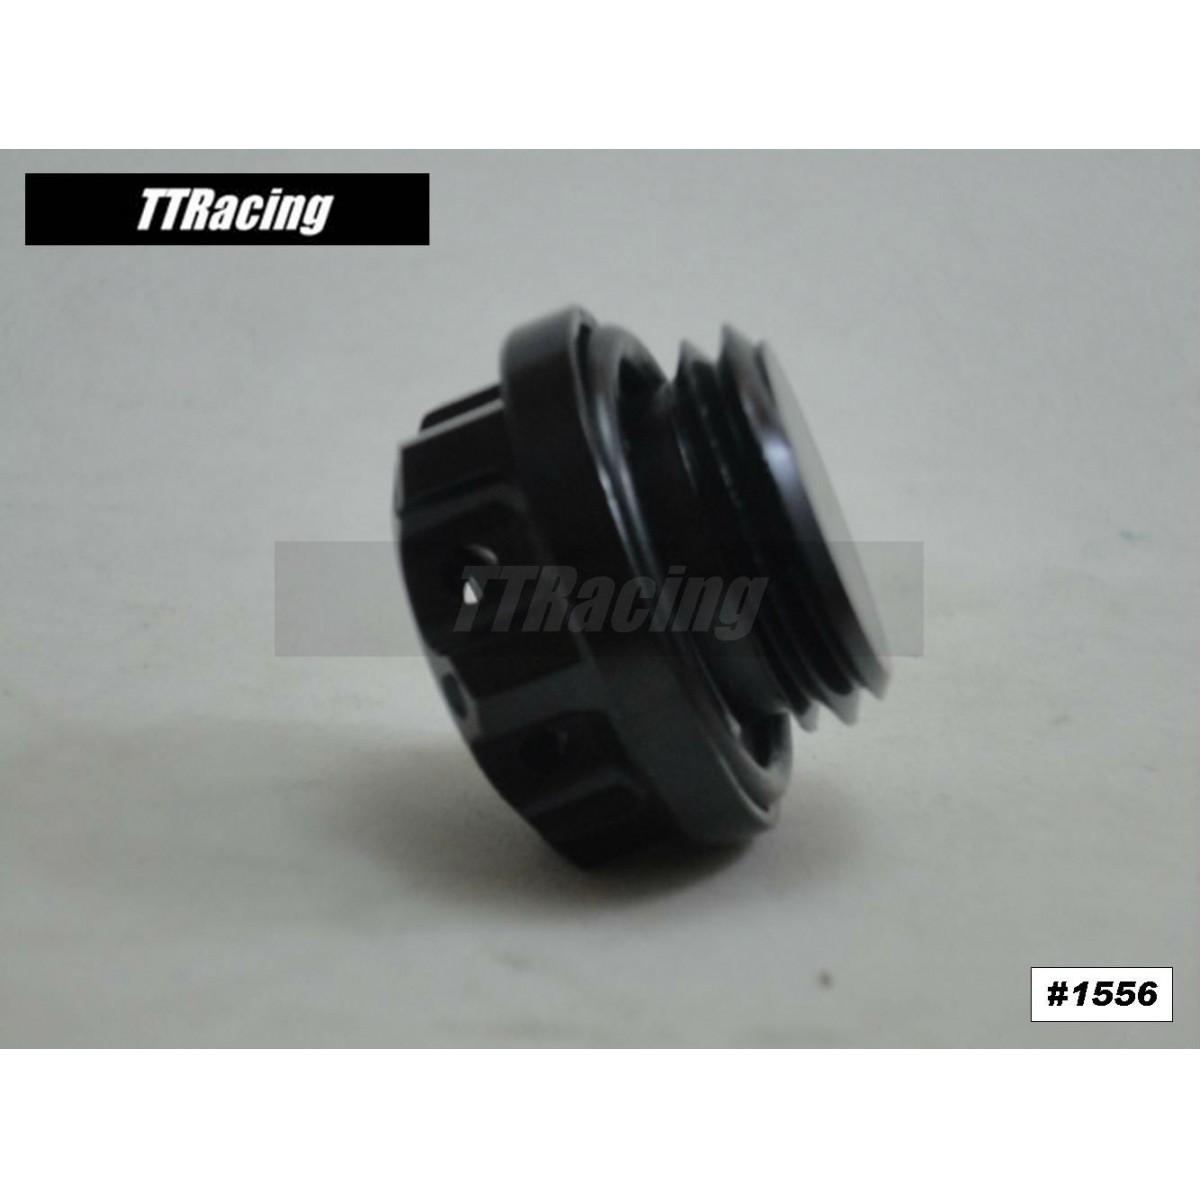 Tampa do óleo Kawasaki NINJA VULCAN preto  - T & T Soluções